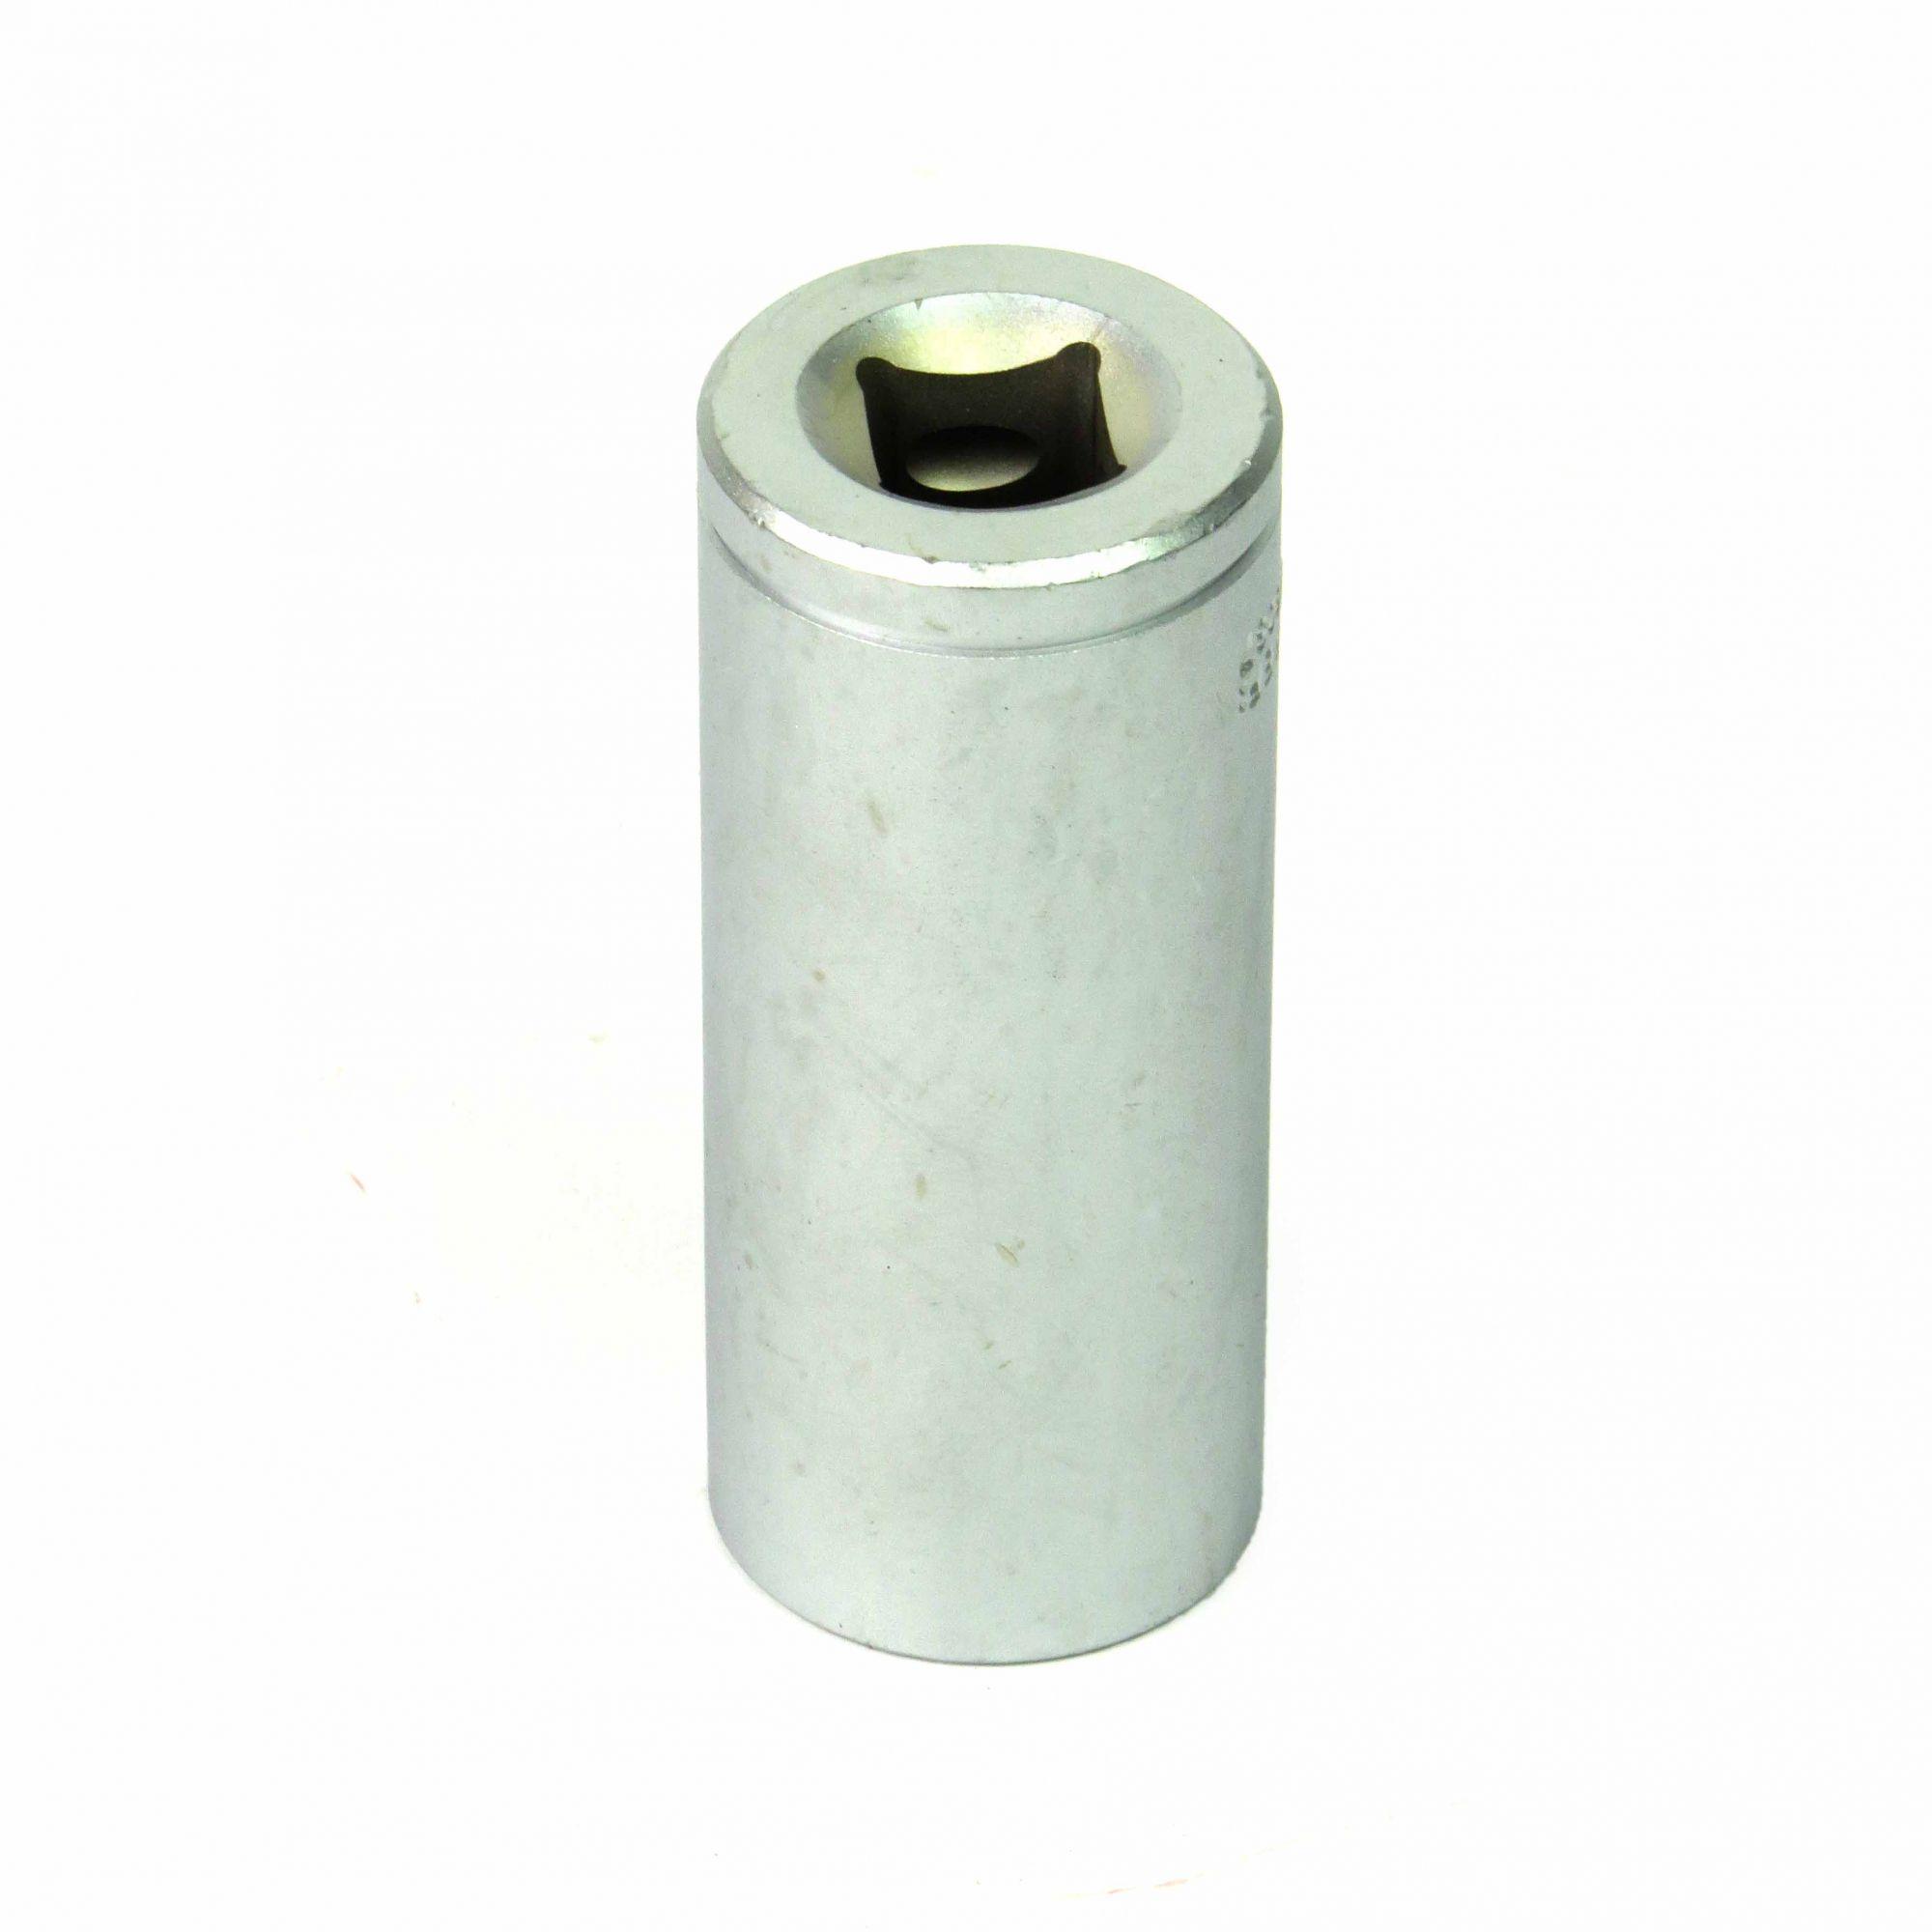 Kit Chave Catraca 1/2 Com Soquete Longo Estriado 24mm